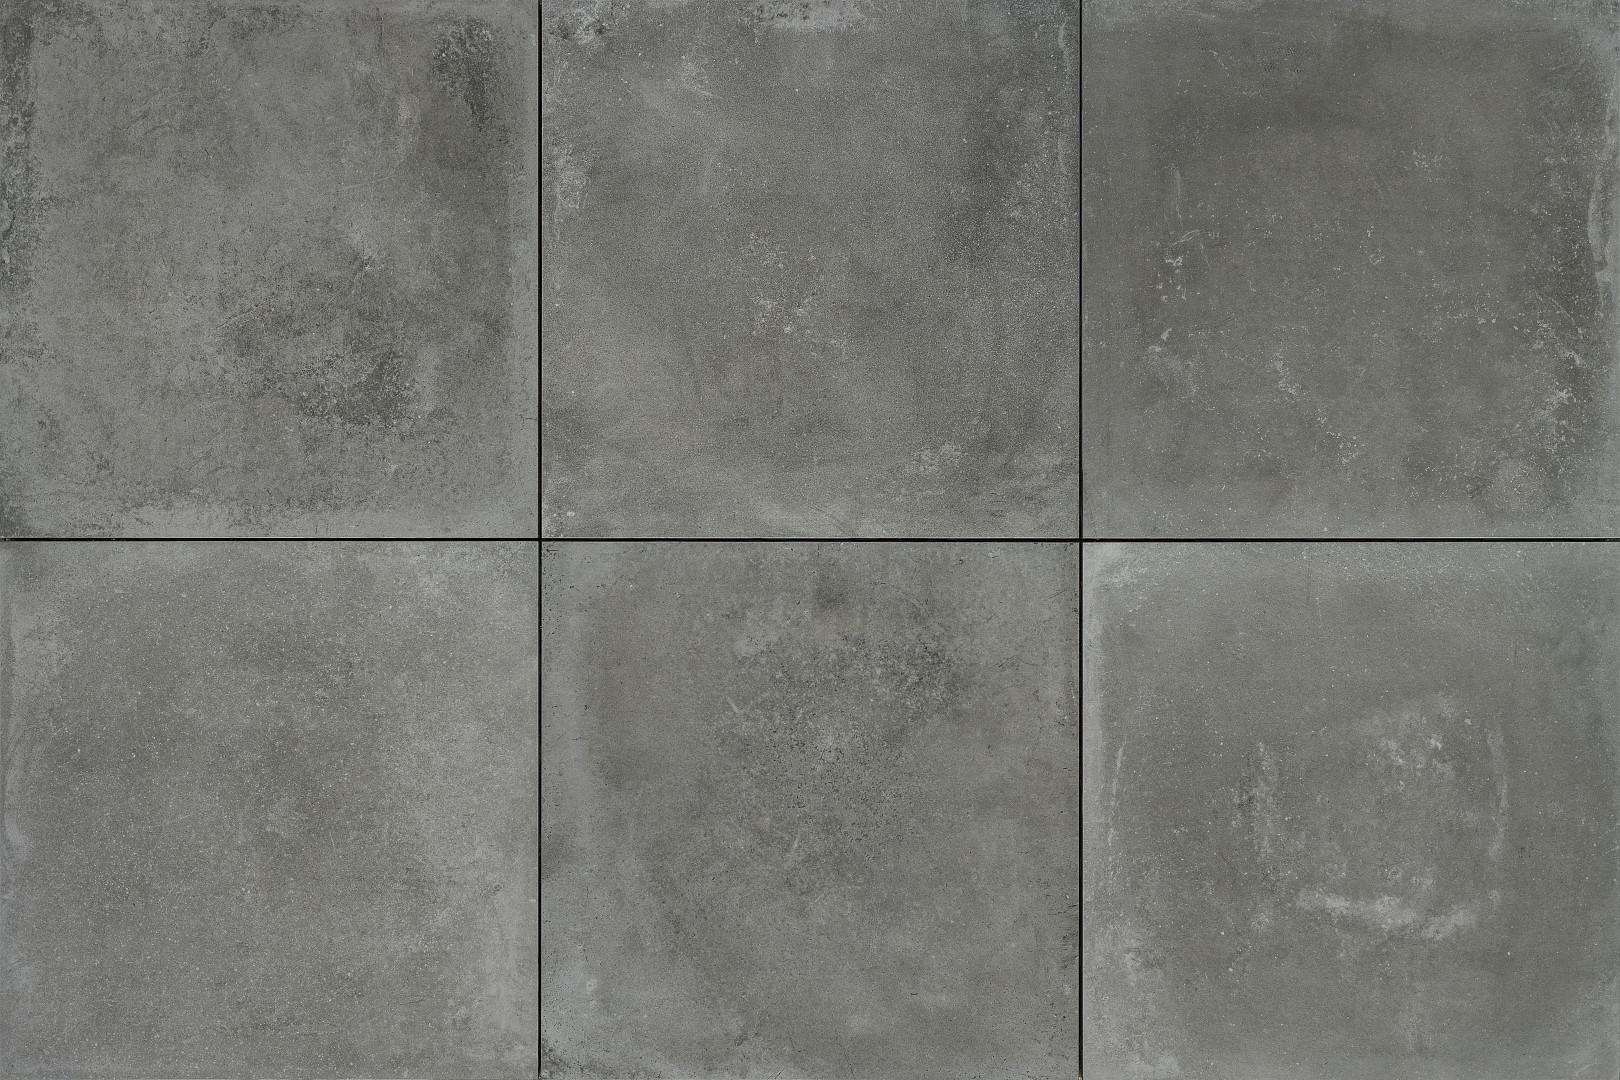 CERASUN Concrete Graphite 60x60x4